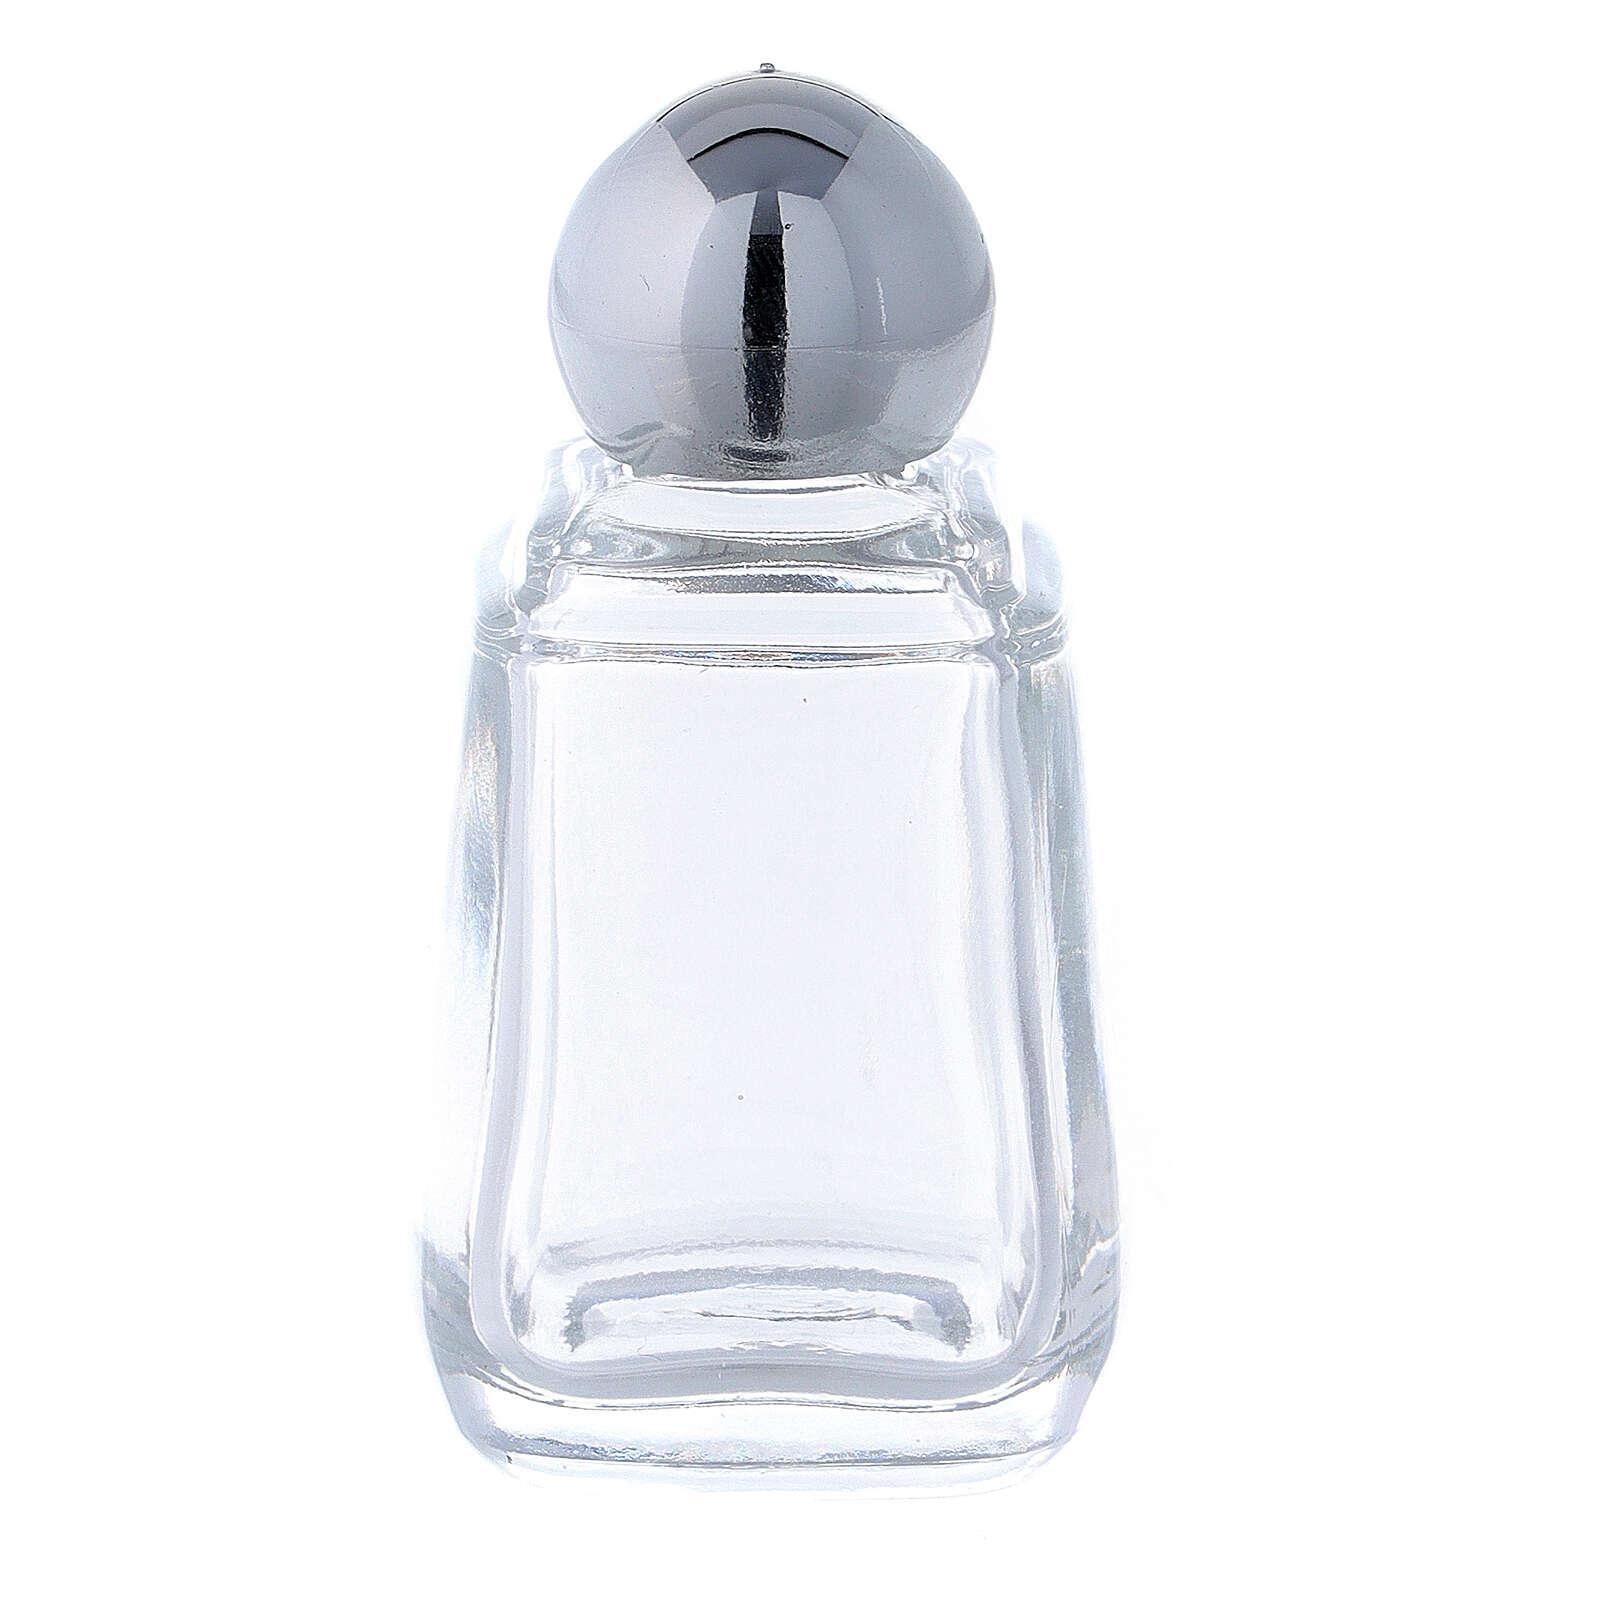 Bottiglietta acquasanta vetro 15 ml (CONF. 50 PZ)  3